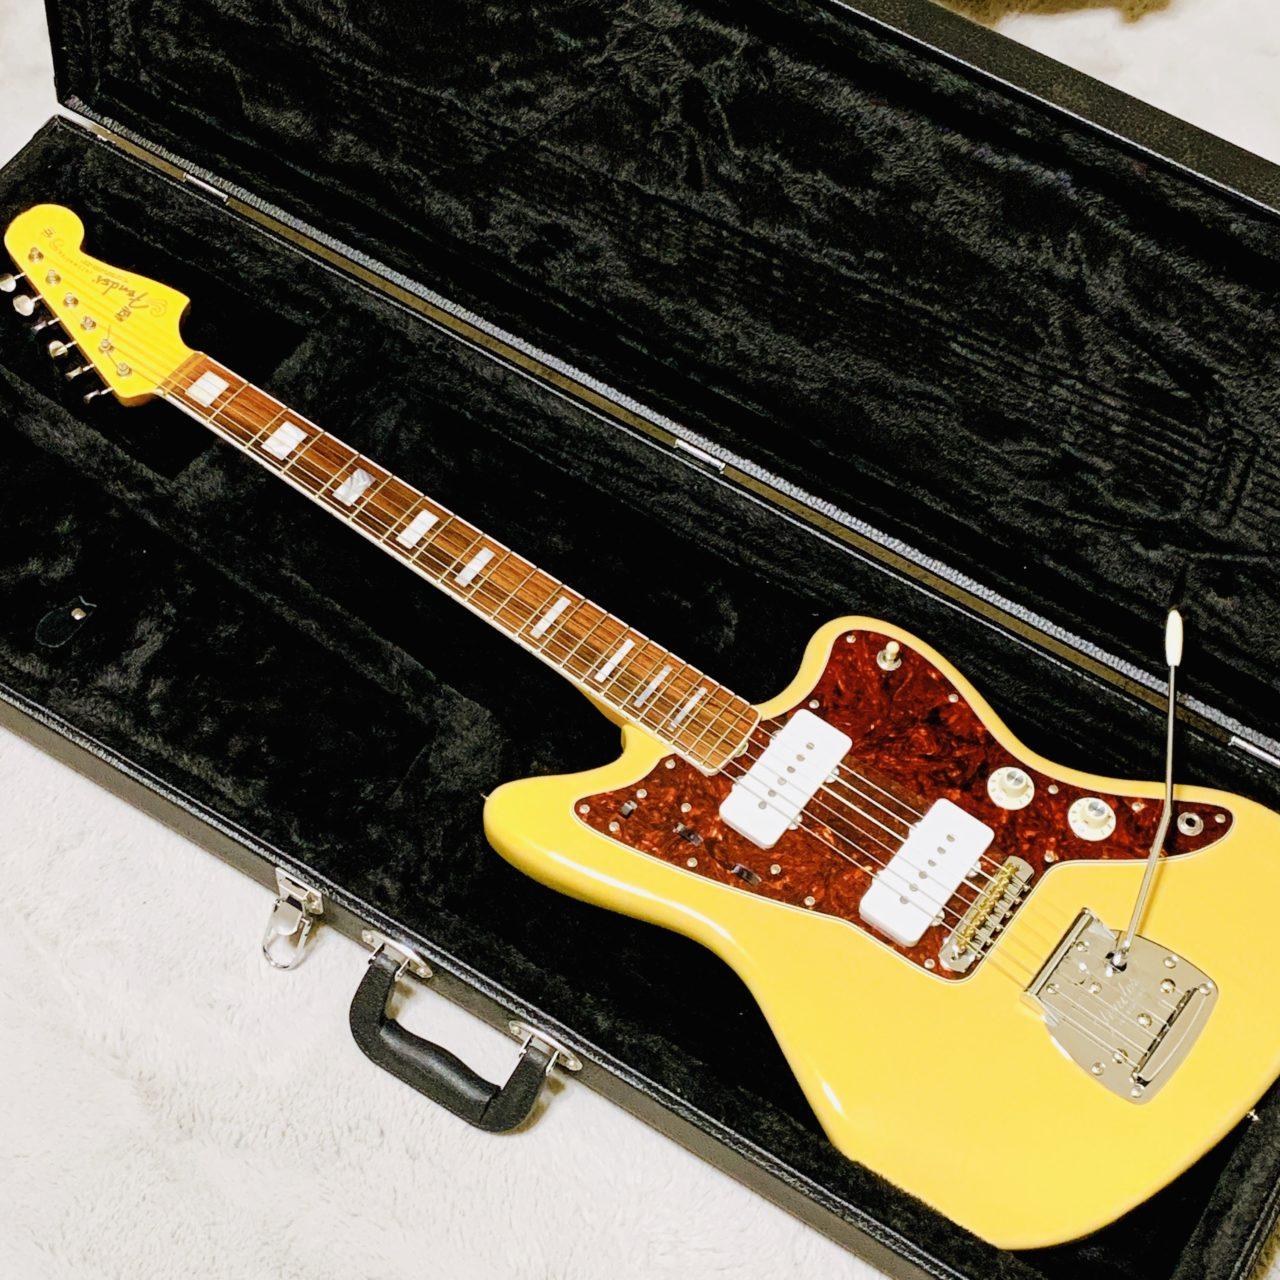 【レビュー】Fender MEX LTD 60th Anniversary Classic Jazzmaster 買ったよー。